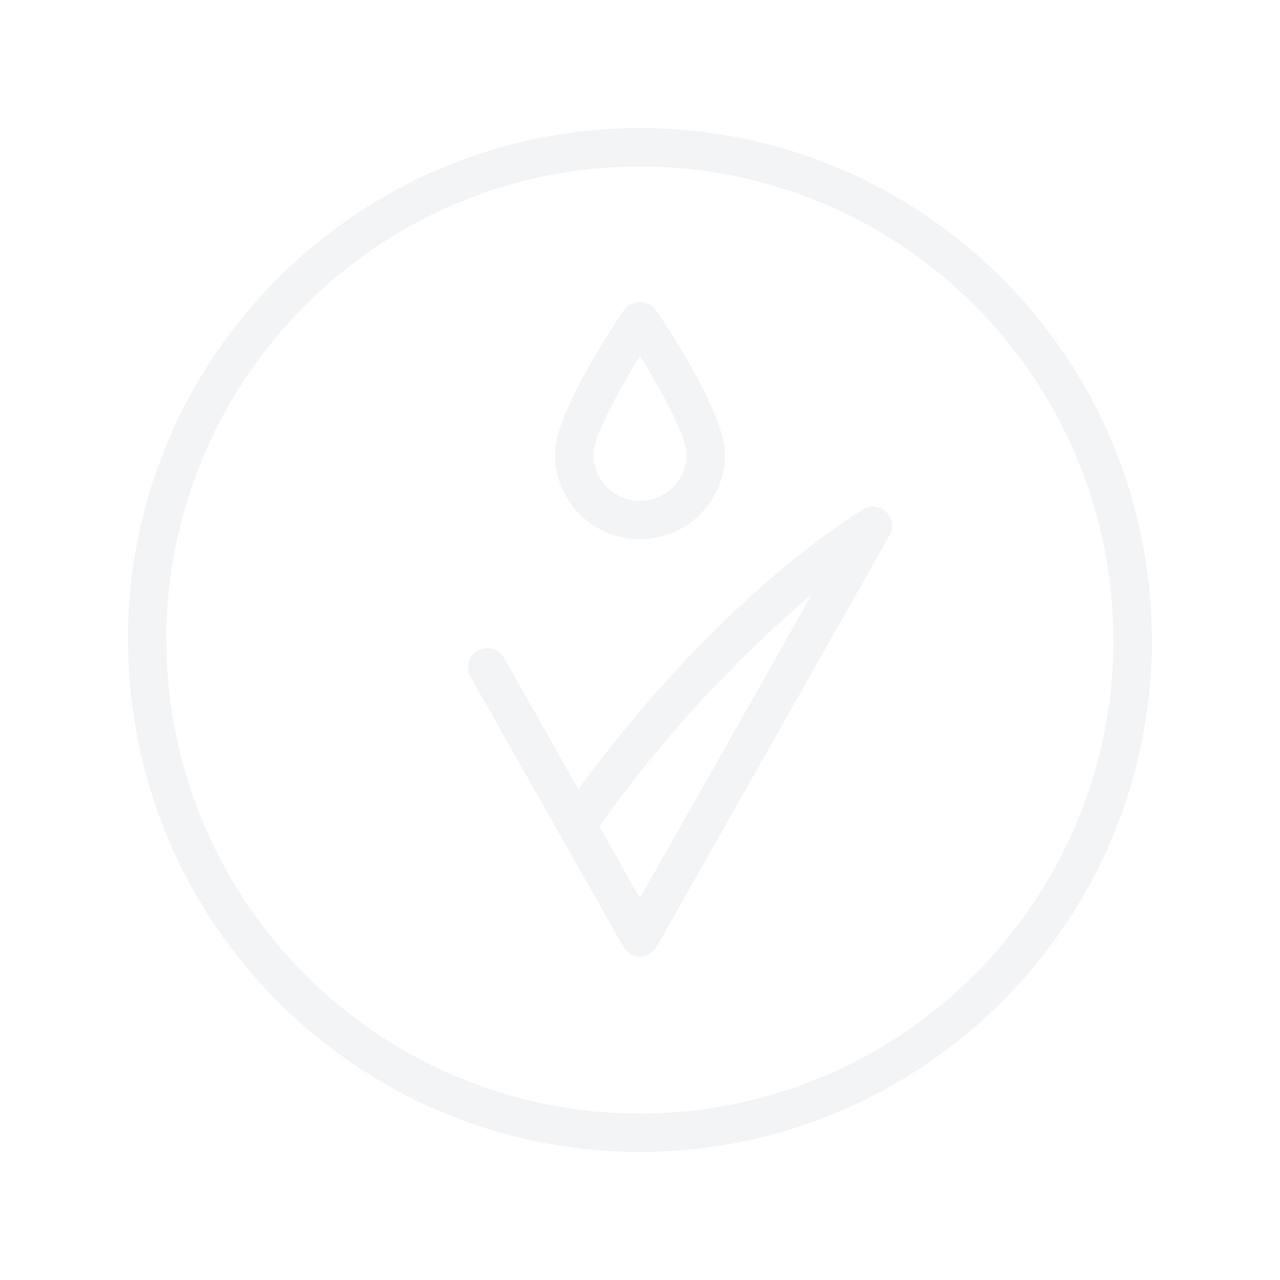 GOSH Velvet Touch Waterproof Eyeliner 1.2g